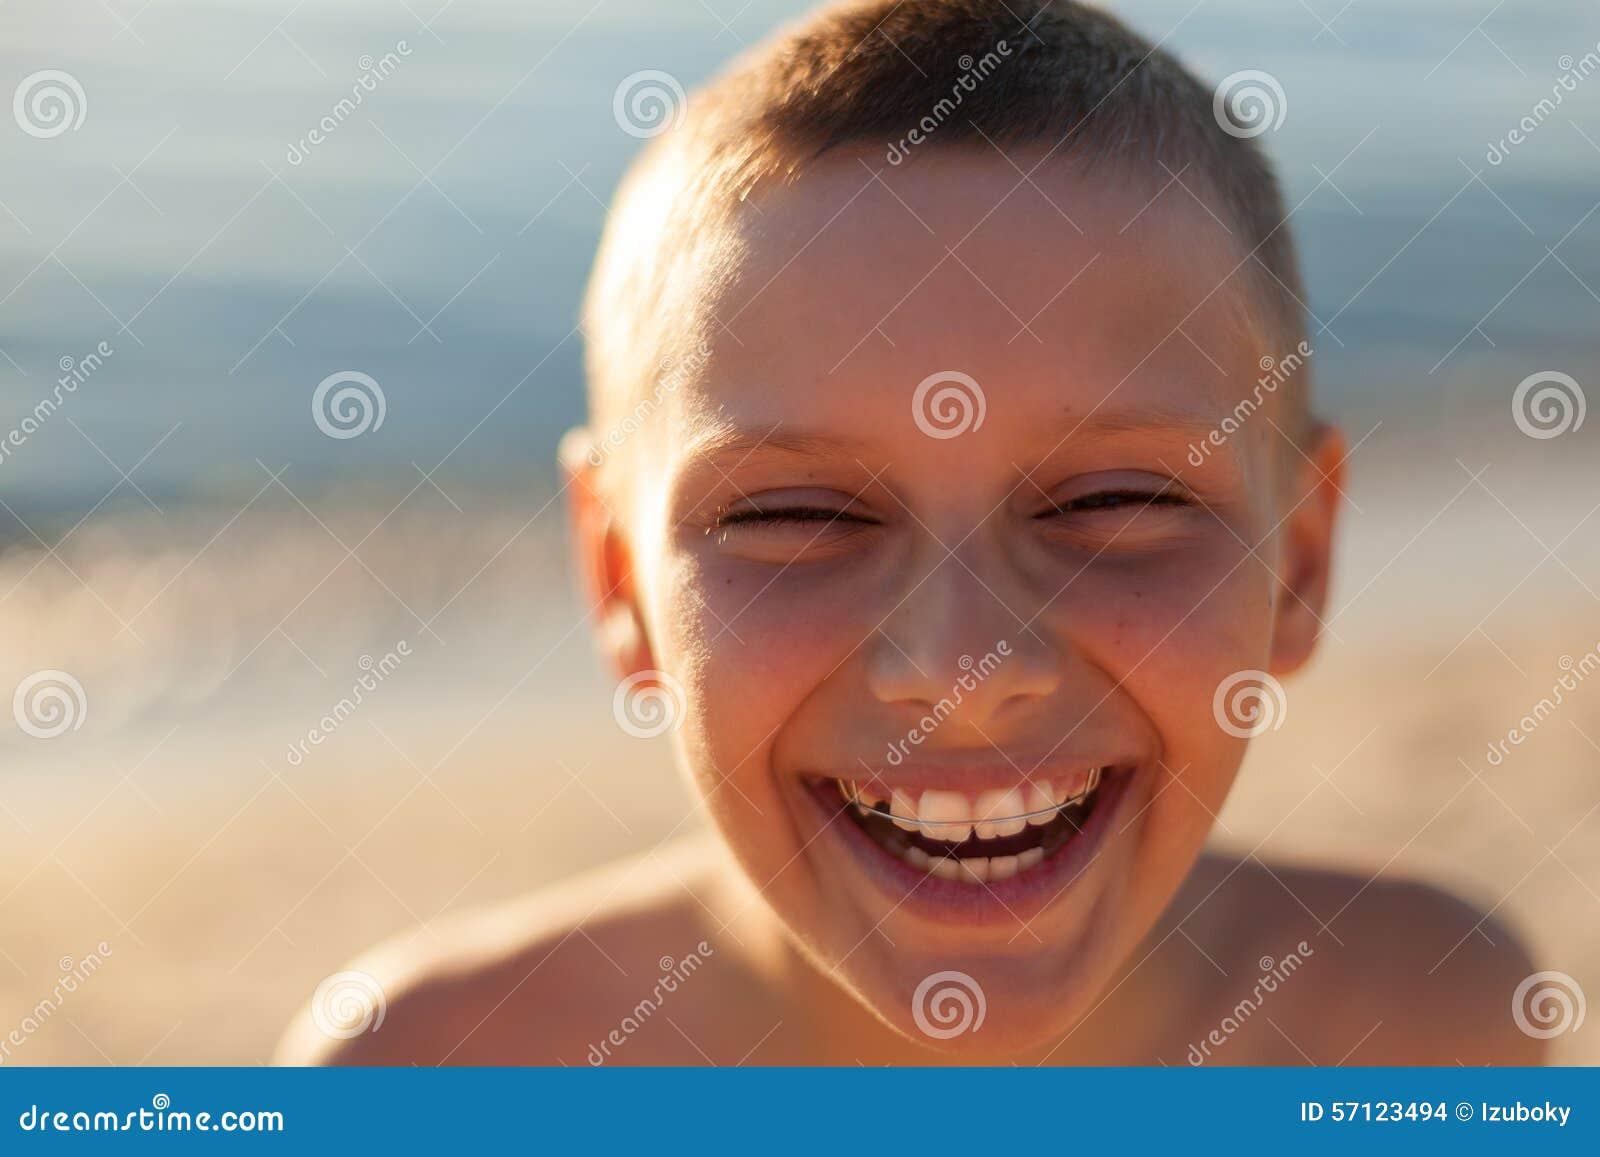 El cierre del retrato del muchacho del niño encima de la risa feliz del contraluz de la puesta del sol apoya los dientes